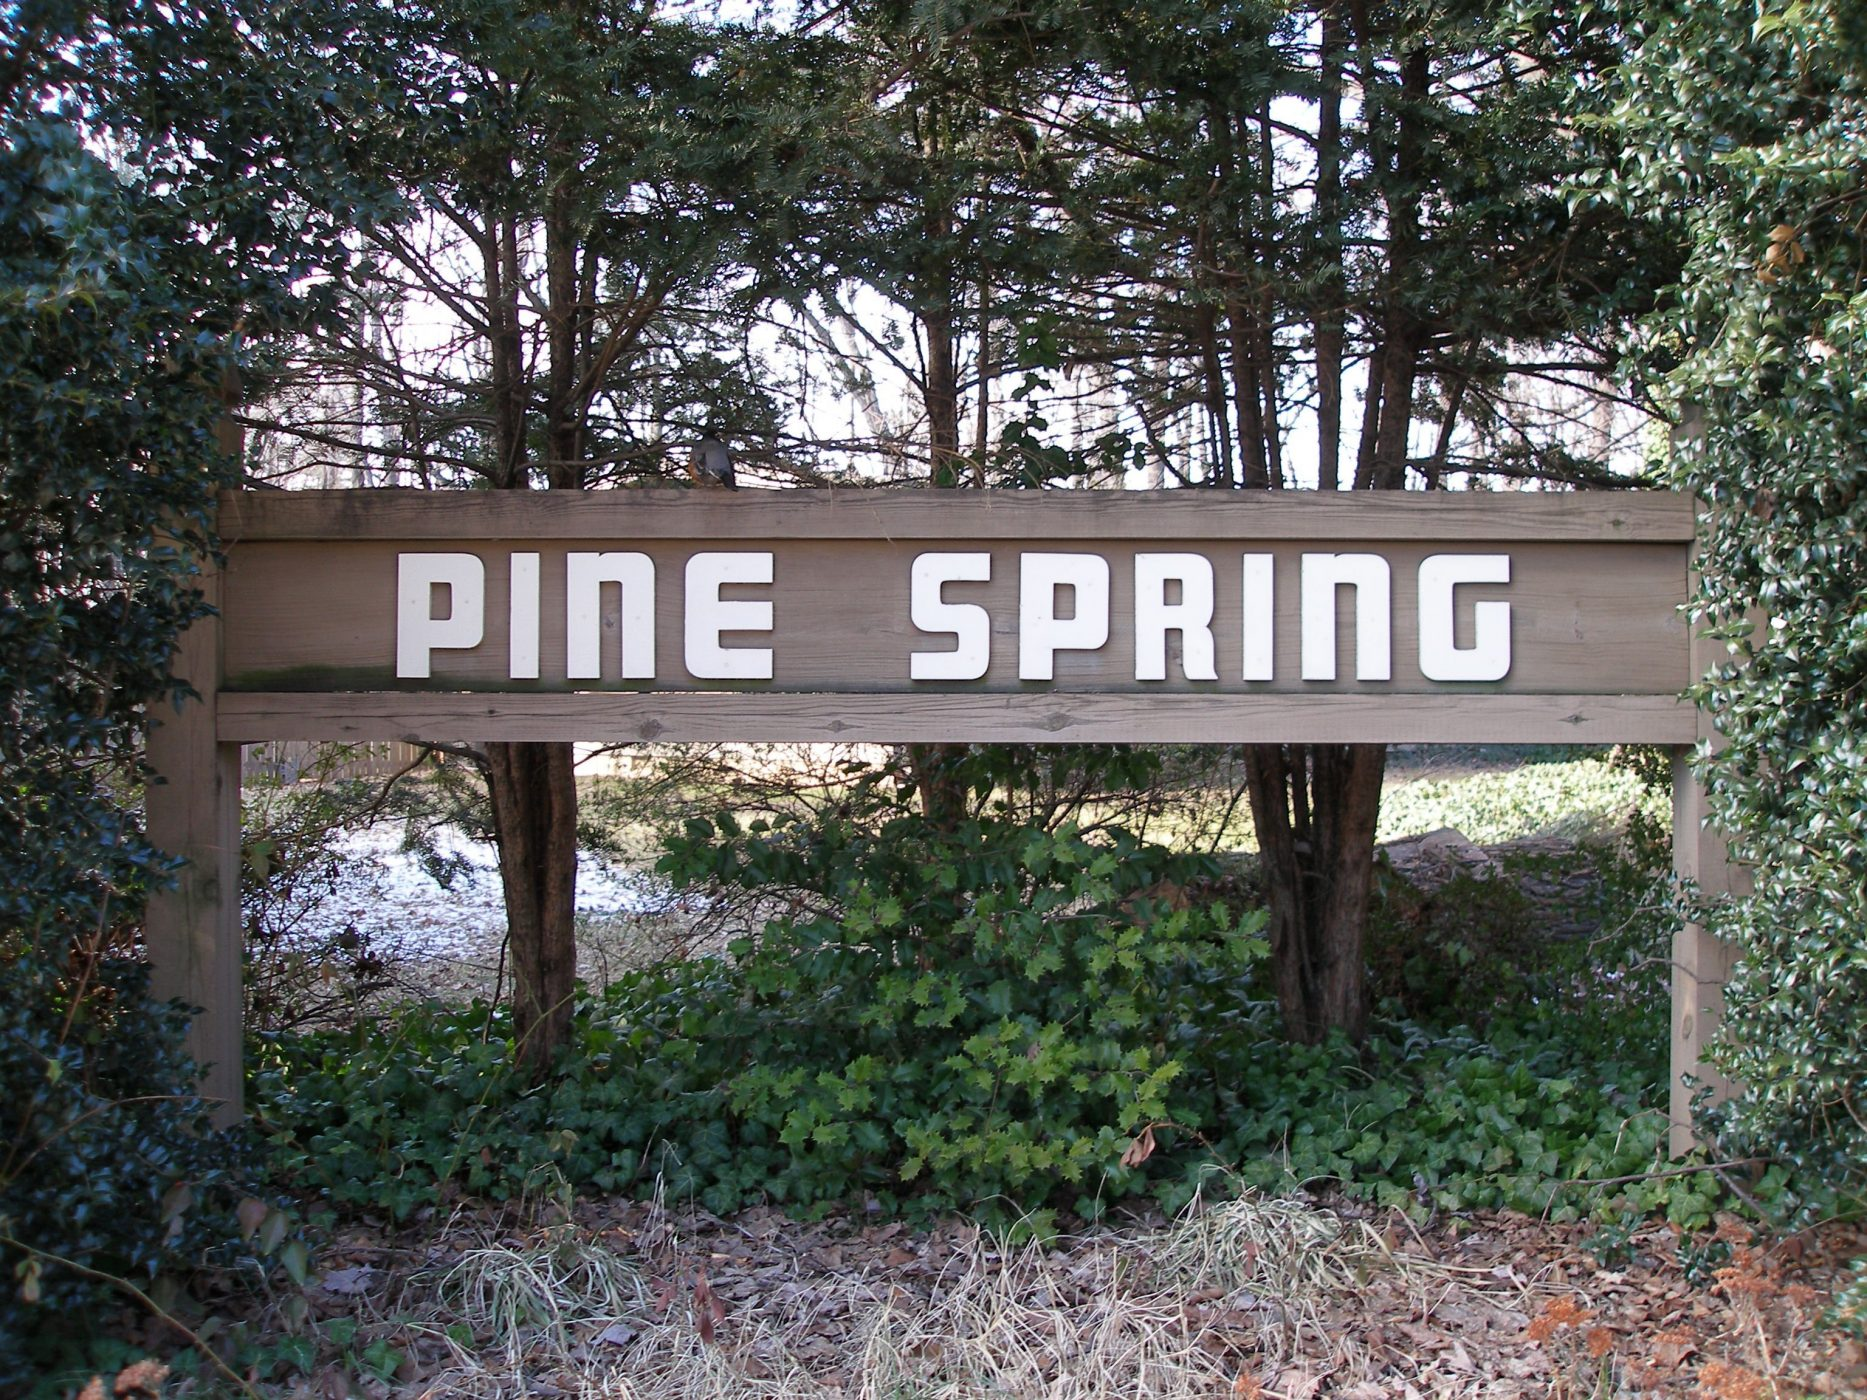 Pine Spring